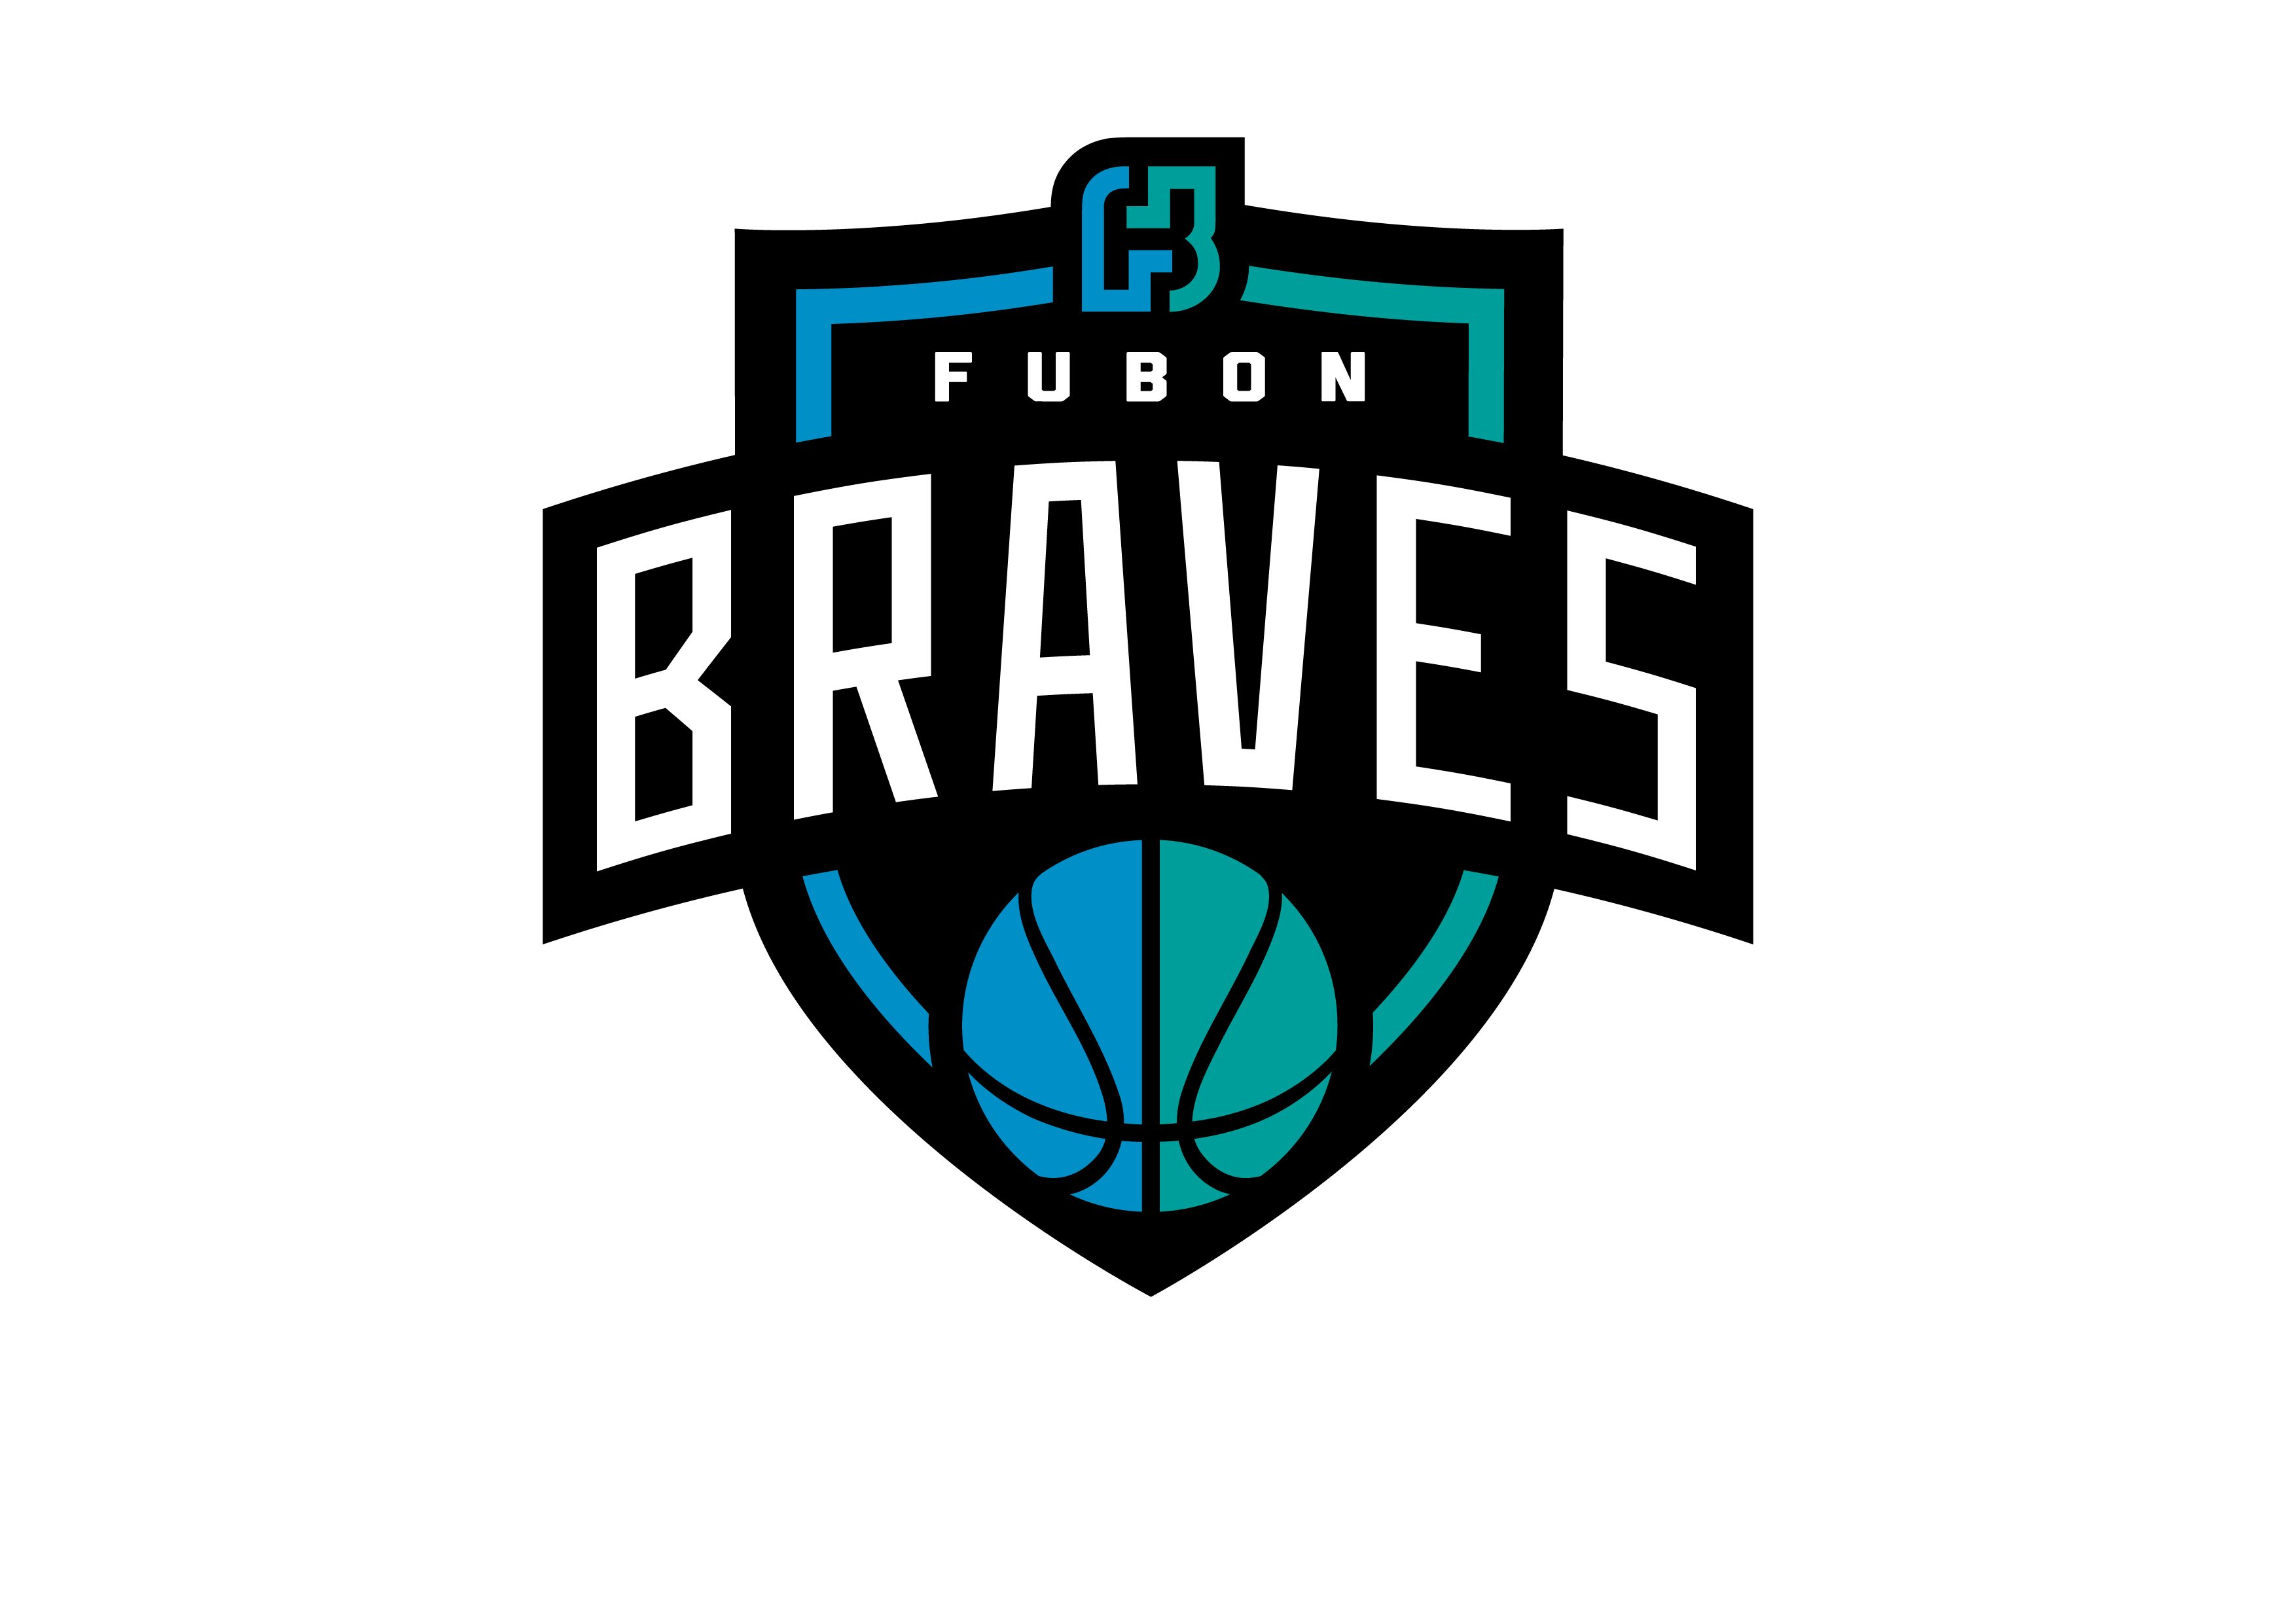 東南亞職業籃球聯賽隊徽